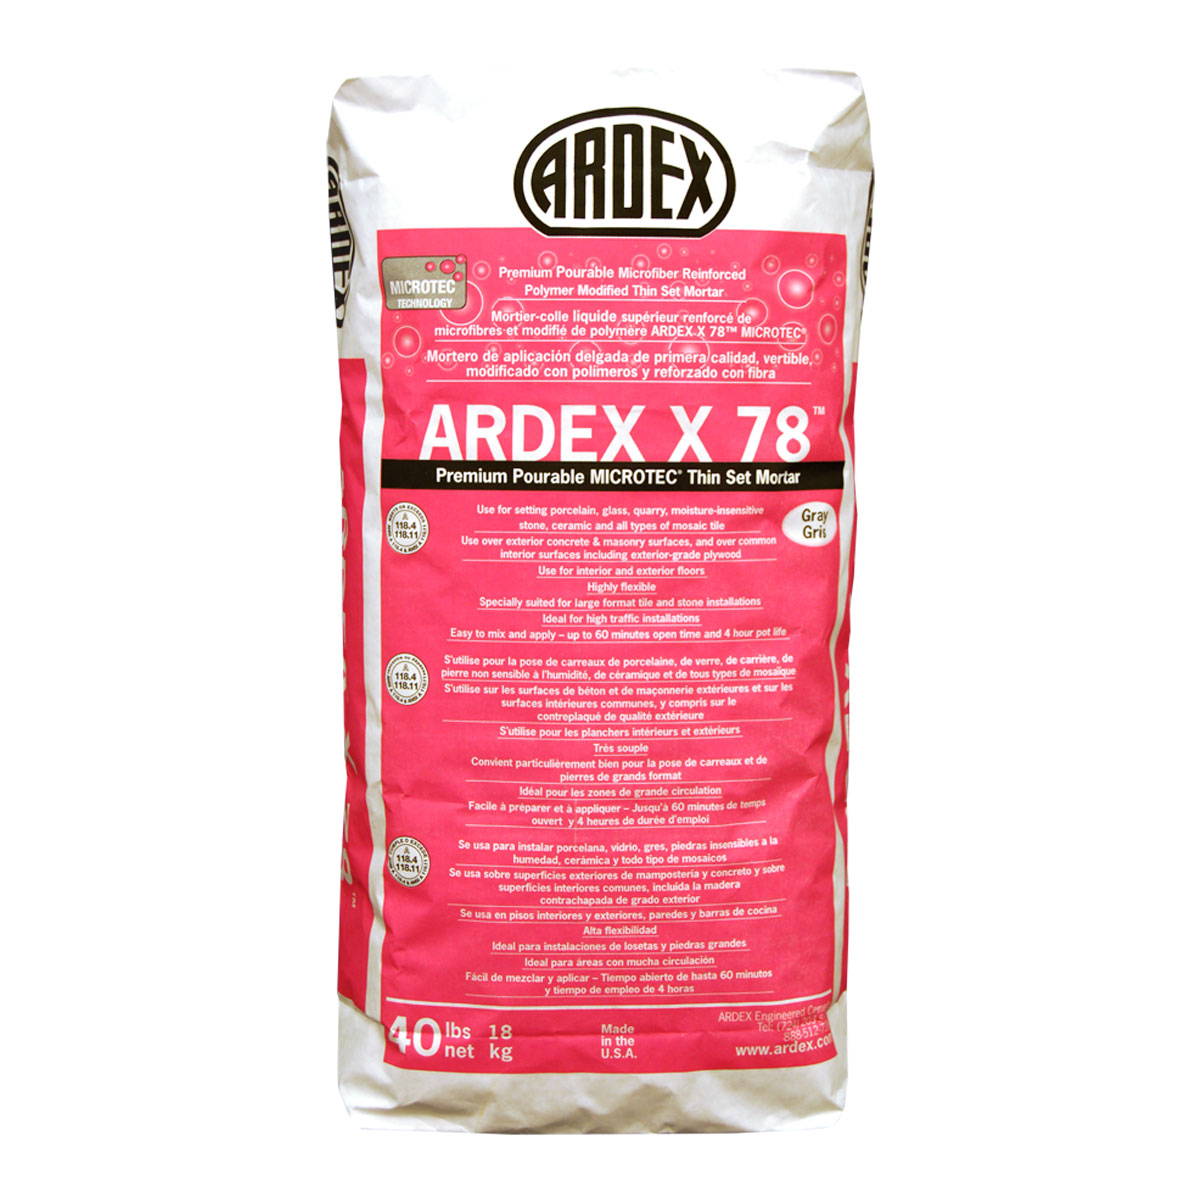 Ardex X 78